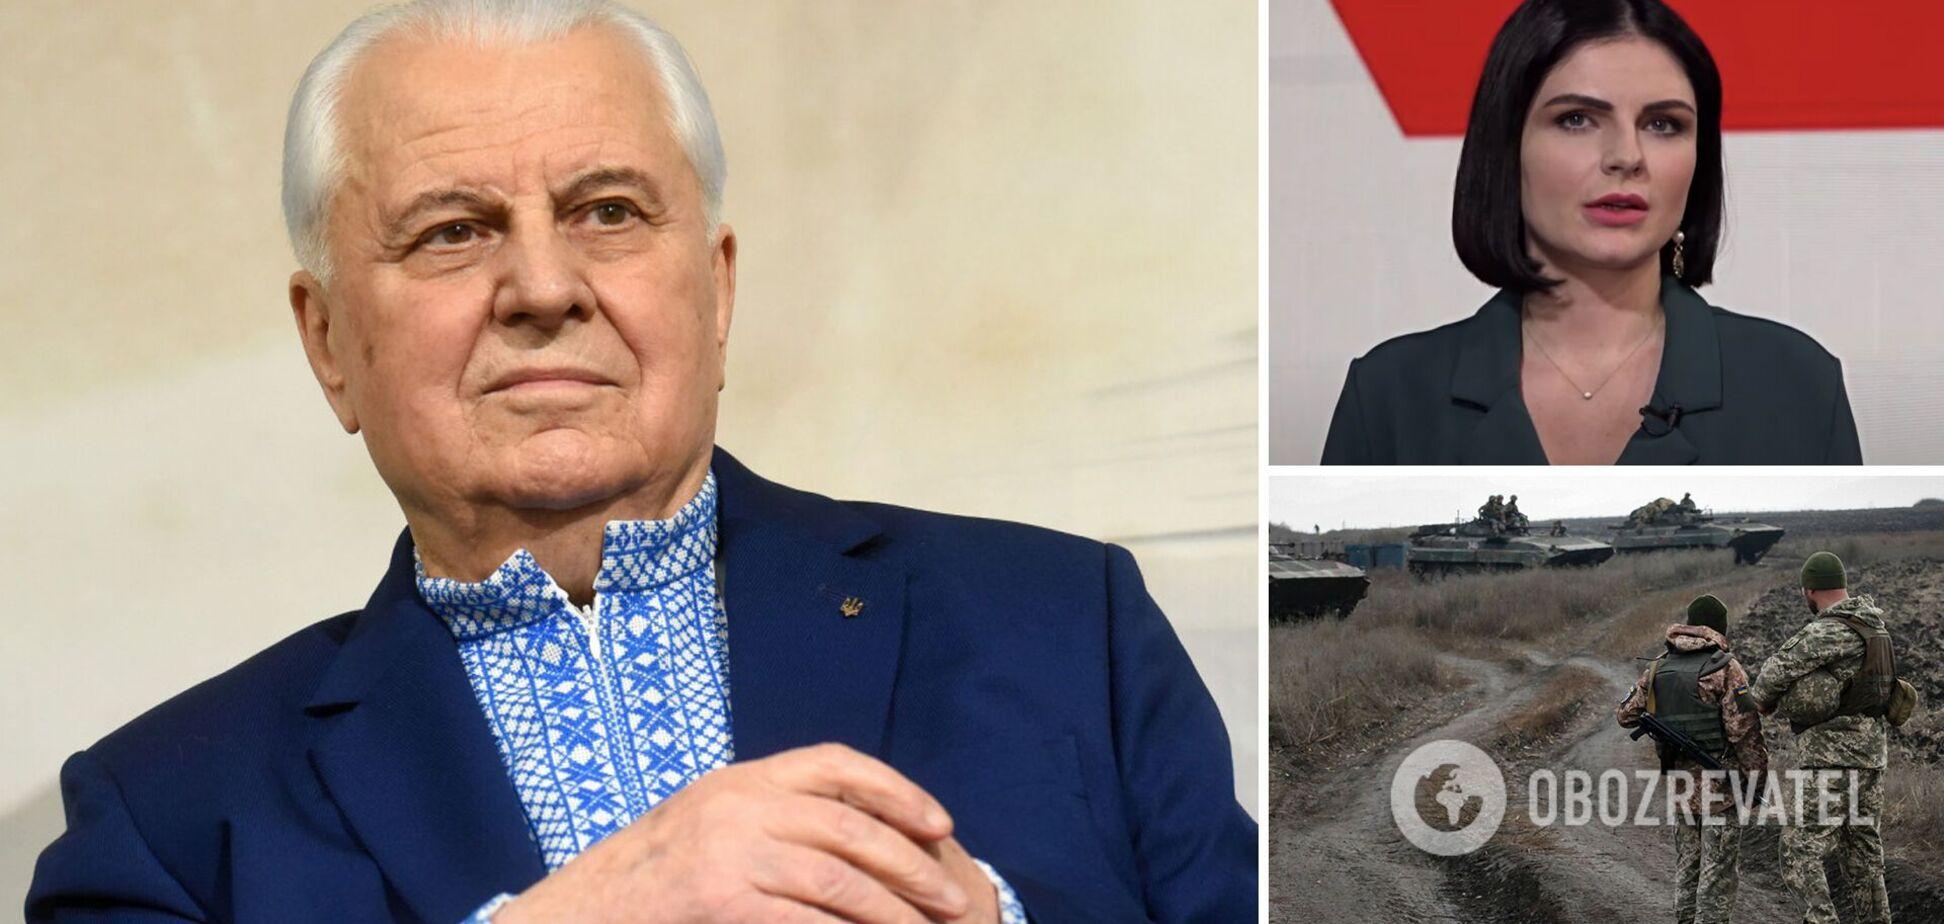 Кравчук: Украина ищет формы давления на Россию, власть Путина могут пошатнуть. Интервью